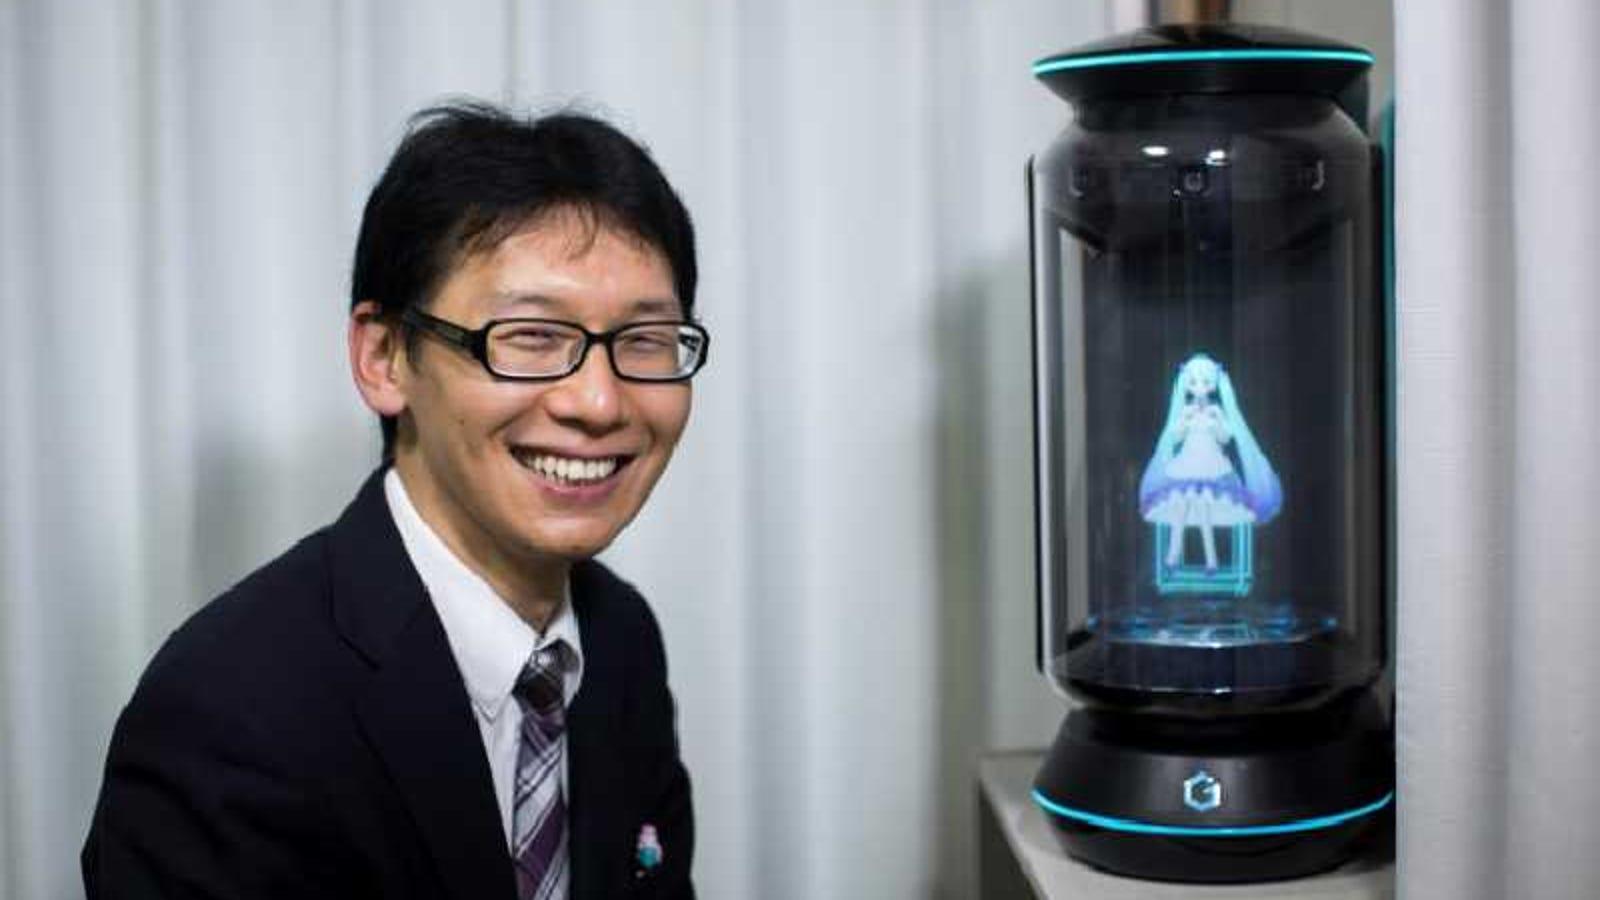 Un japonés de 35 años se casa con el holograma de una estrella pop virtual de 16 años